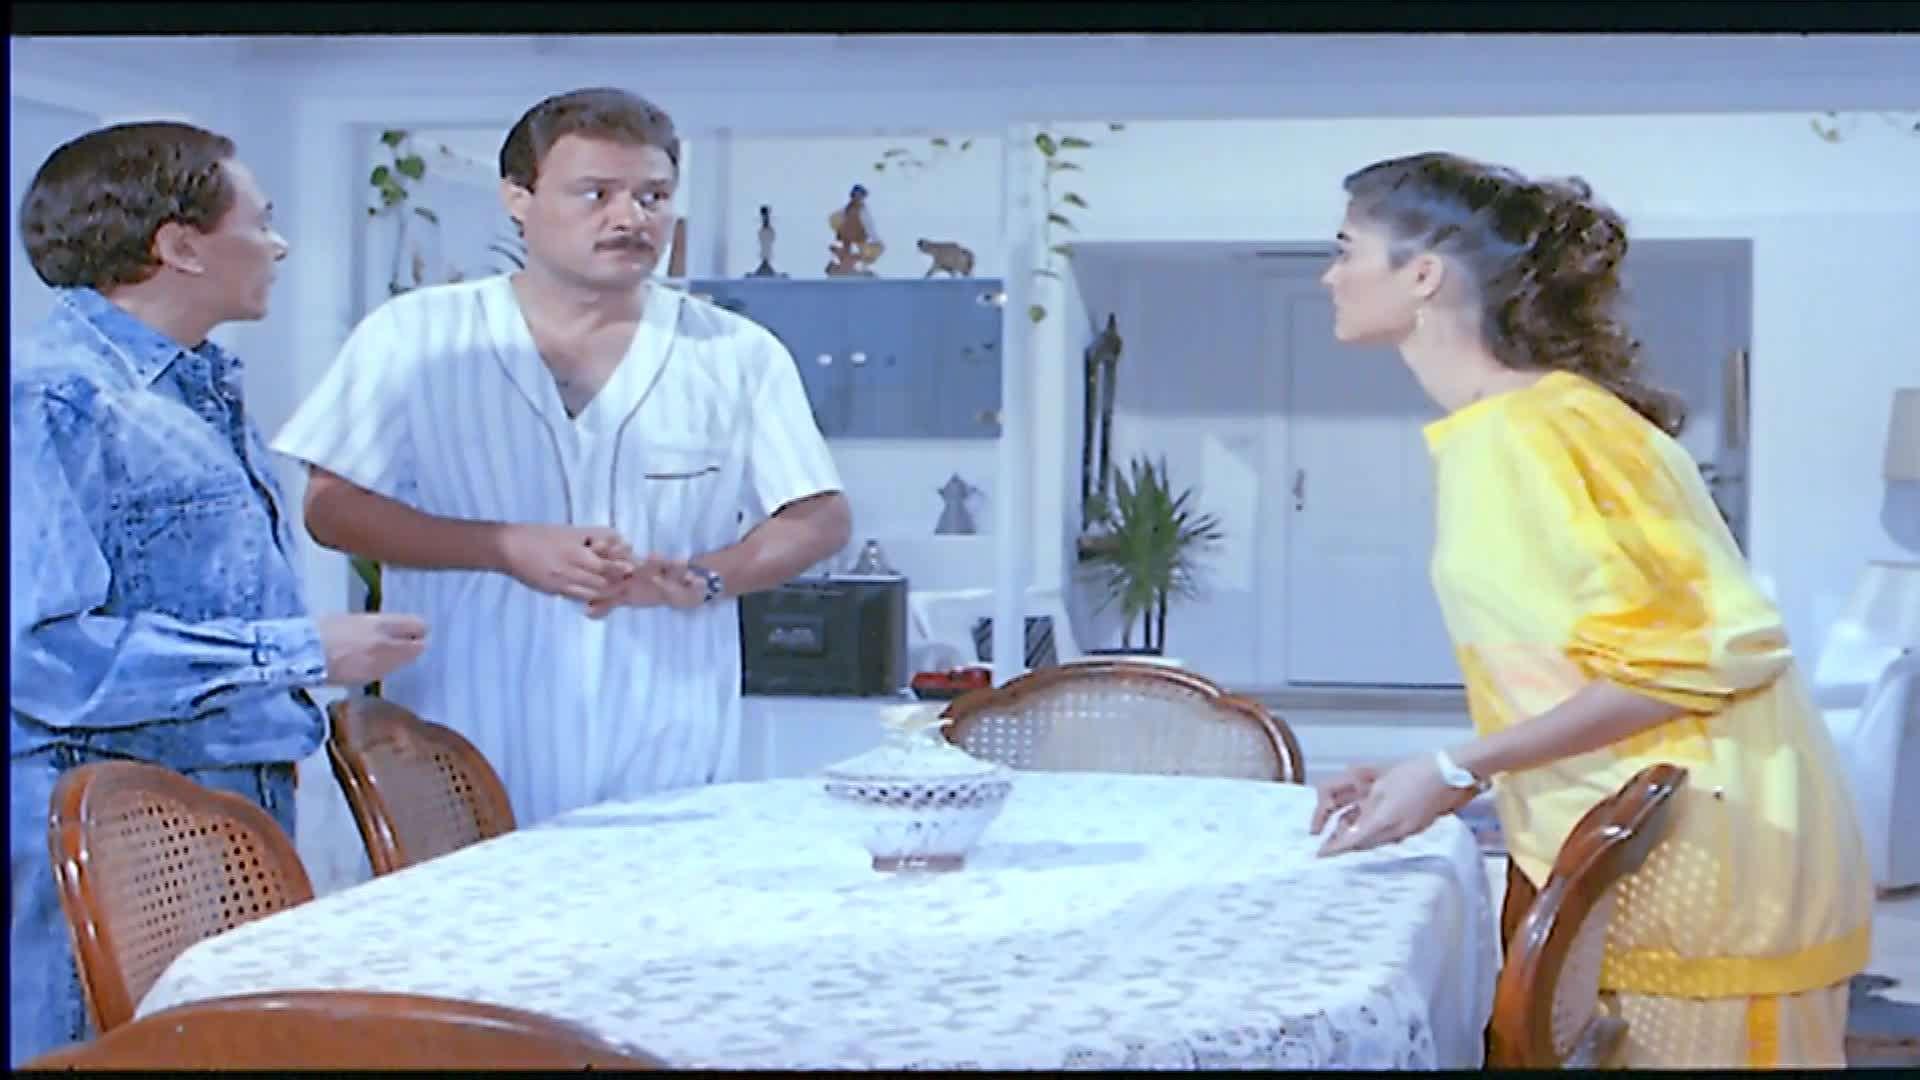 [فيلم][تورنت][تحميل][حنفي الأبهة][1990][1080p][Web-DL] 7 arabp2p.com